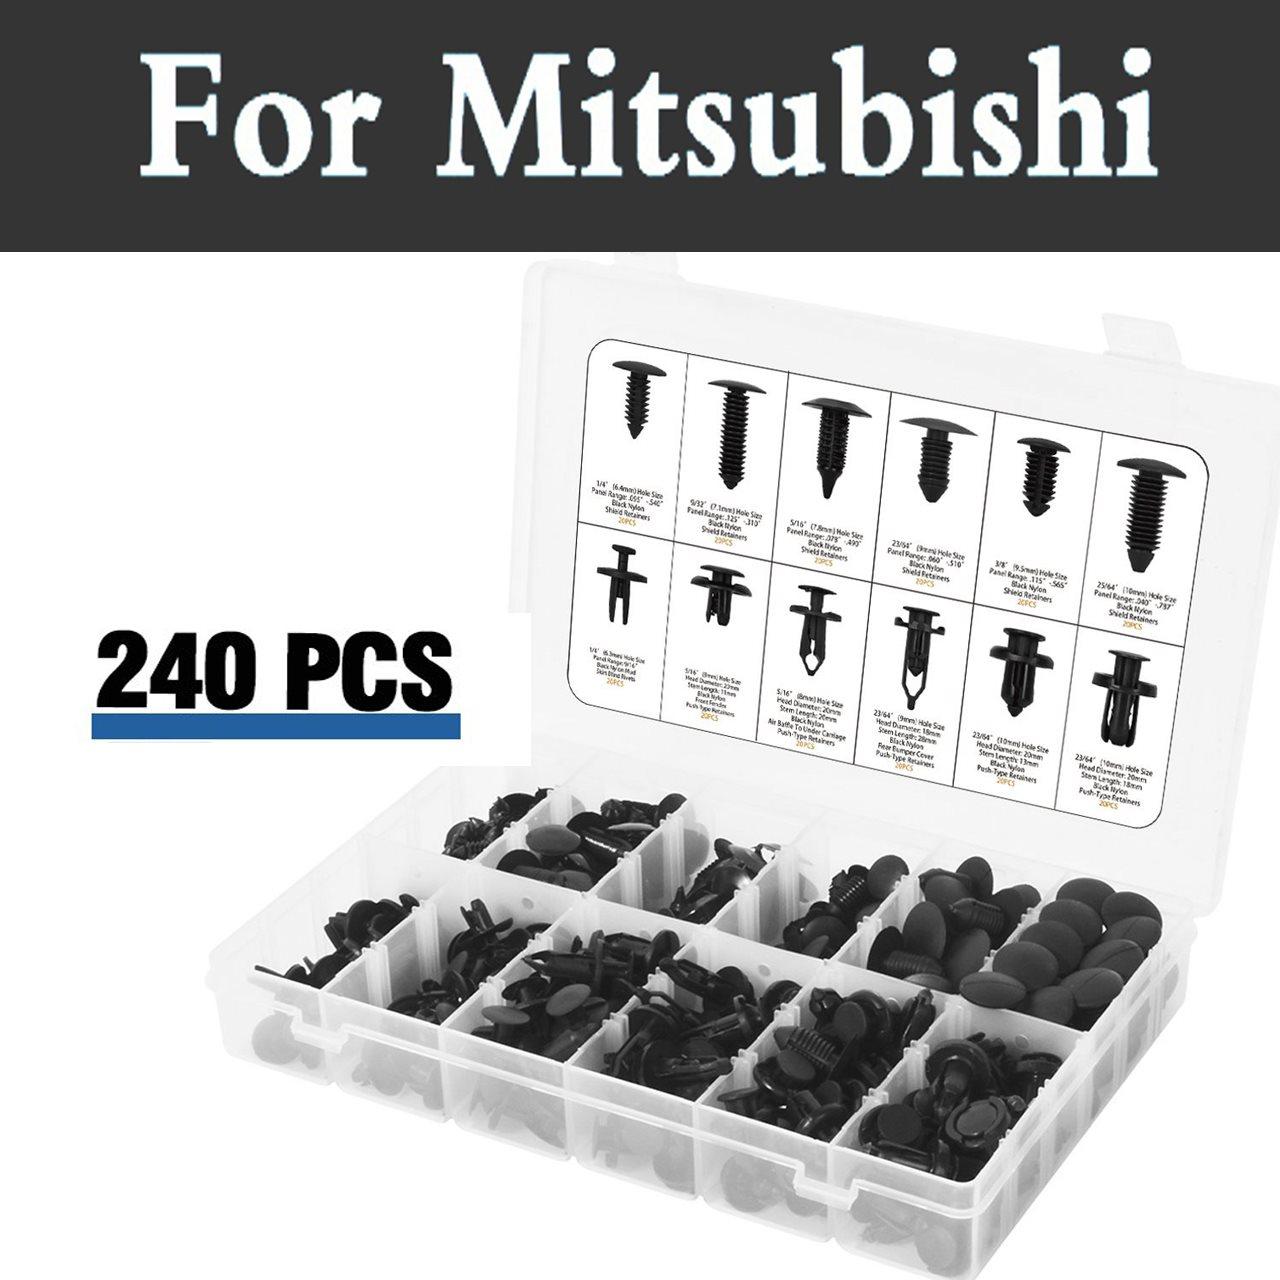 240 pcs Retenue Clips Mis Fixation Rivets Remover Outils Cas De Voiture Pour Mitsubishi Mirage Montero Sport Outlander Pajero Space